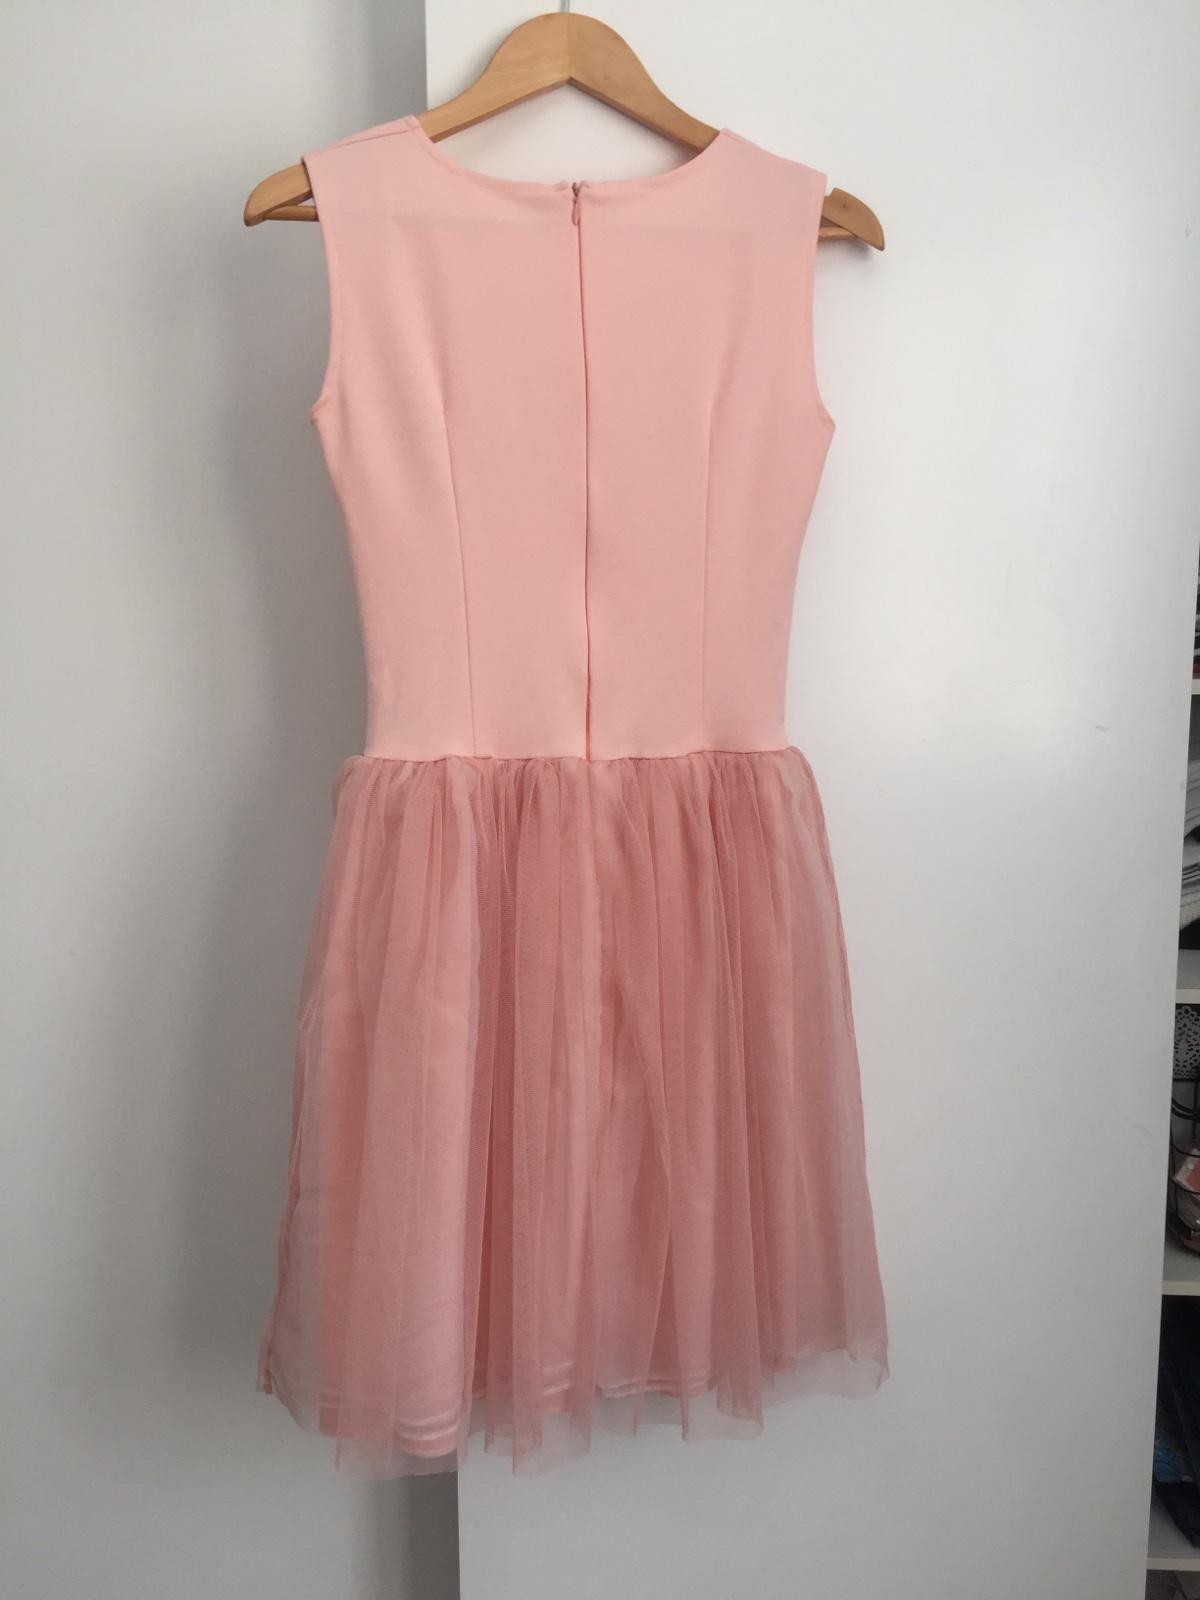 Vílovské šaty - Obrázok č. 2